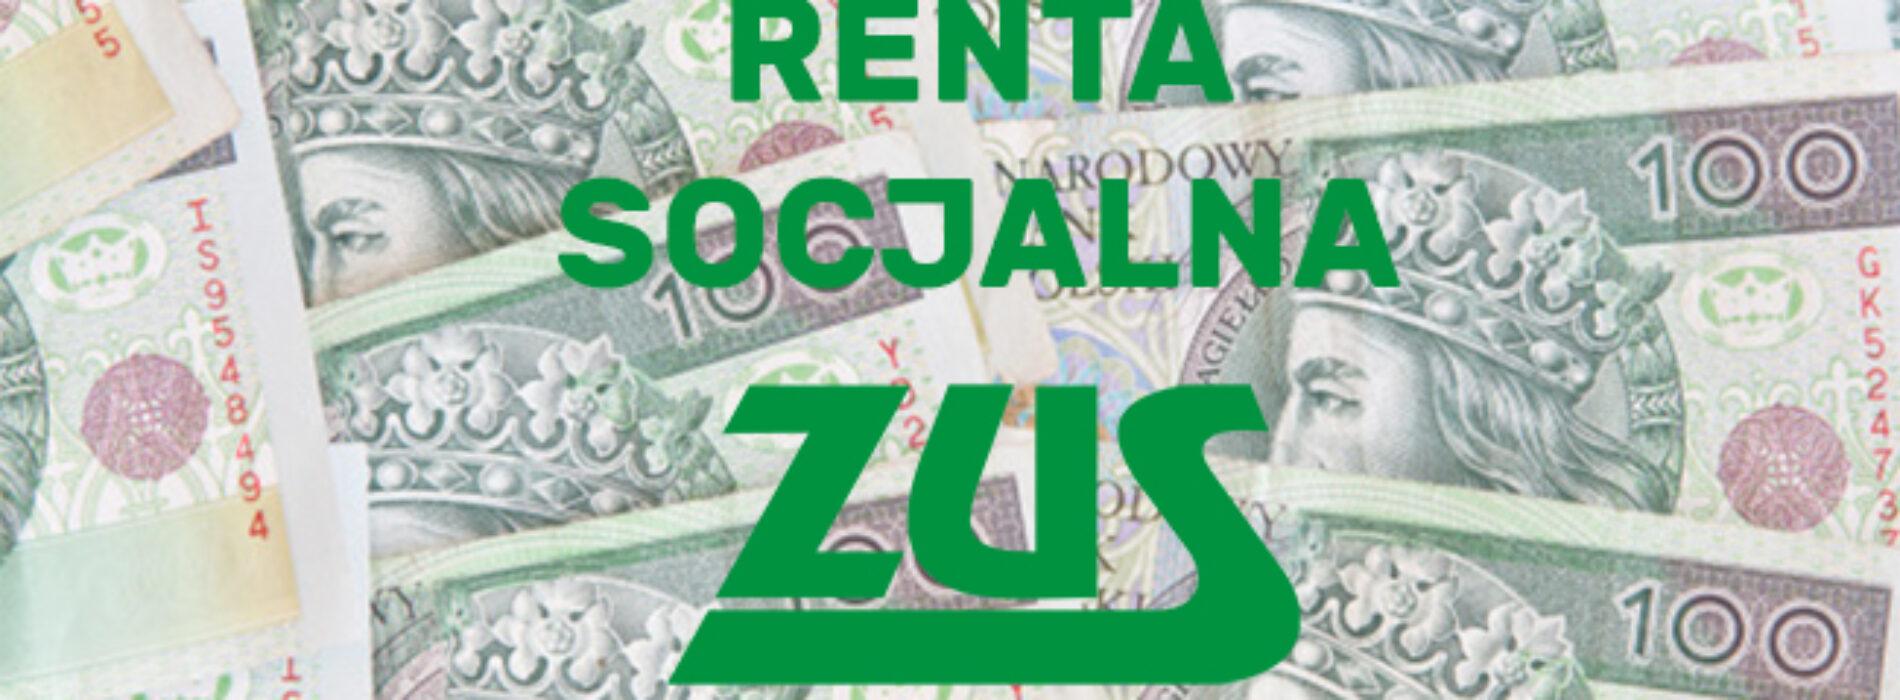 Renta socjalna – czym jest i kto może ją otrzymać?